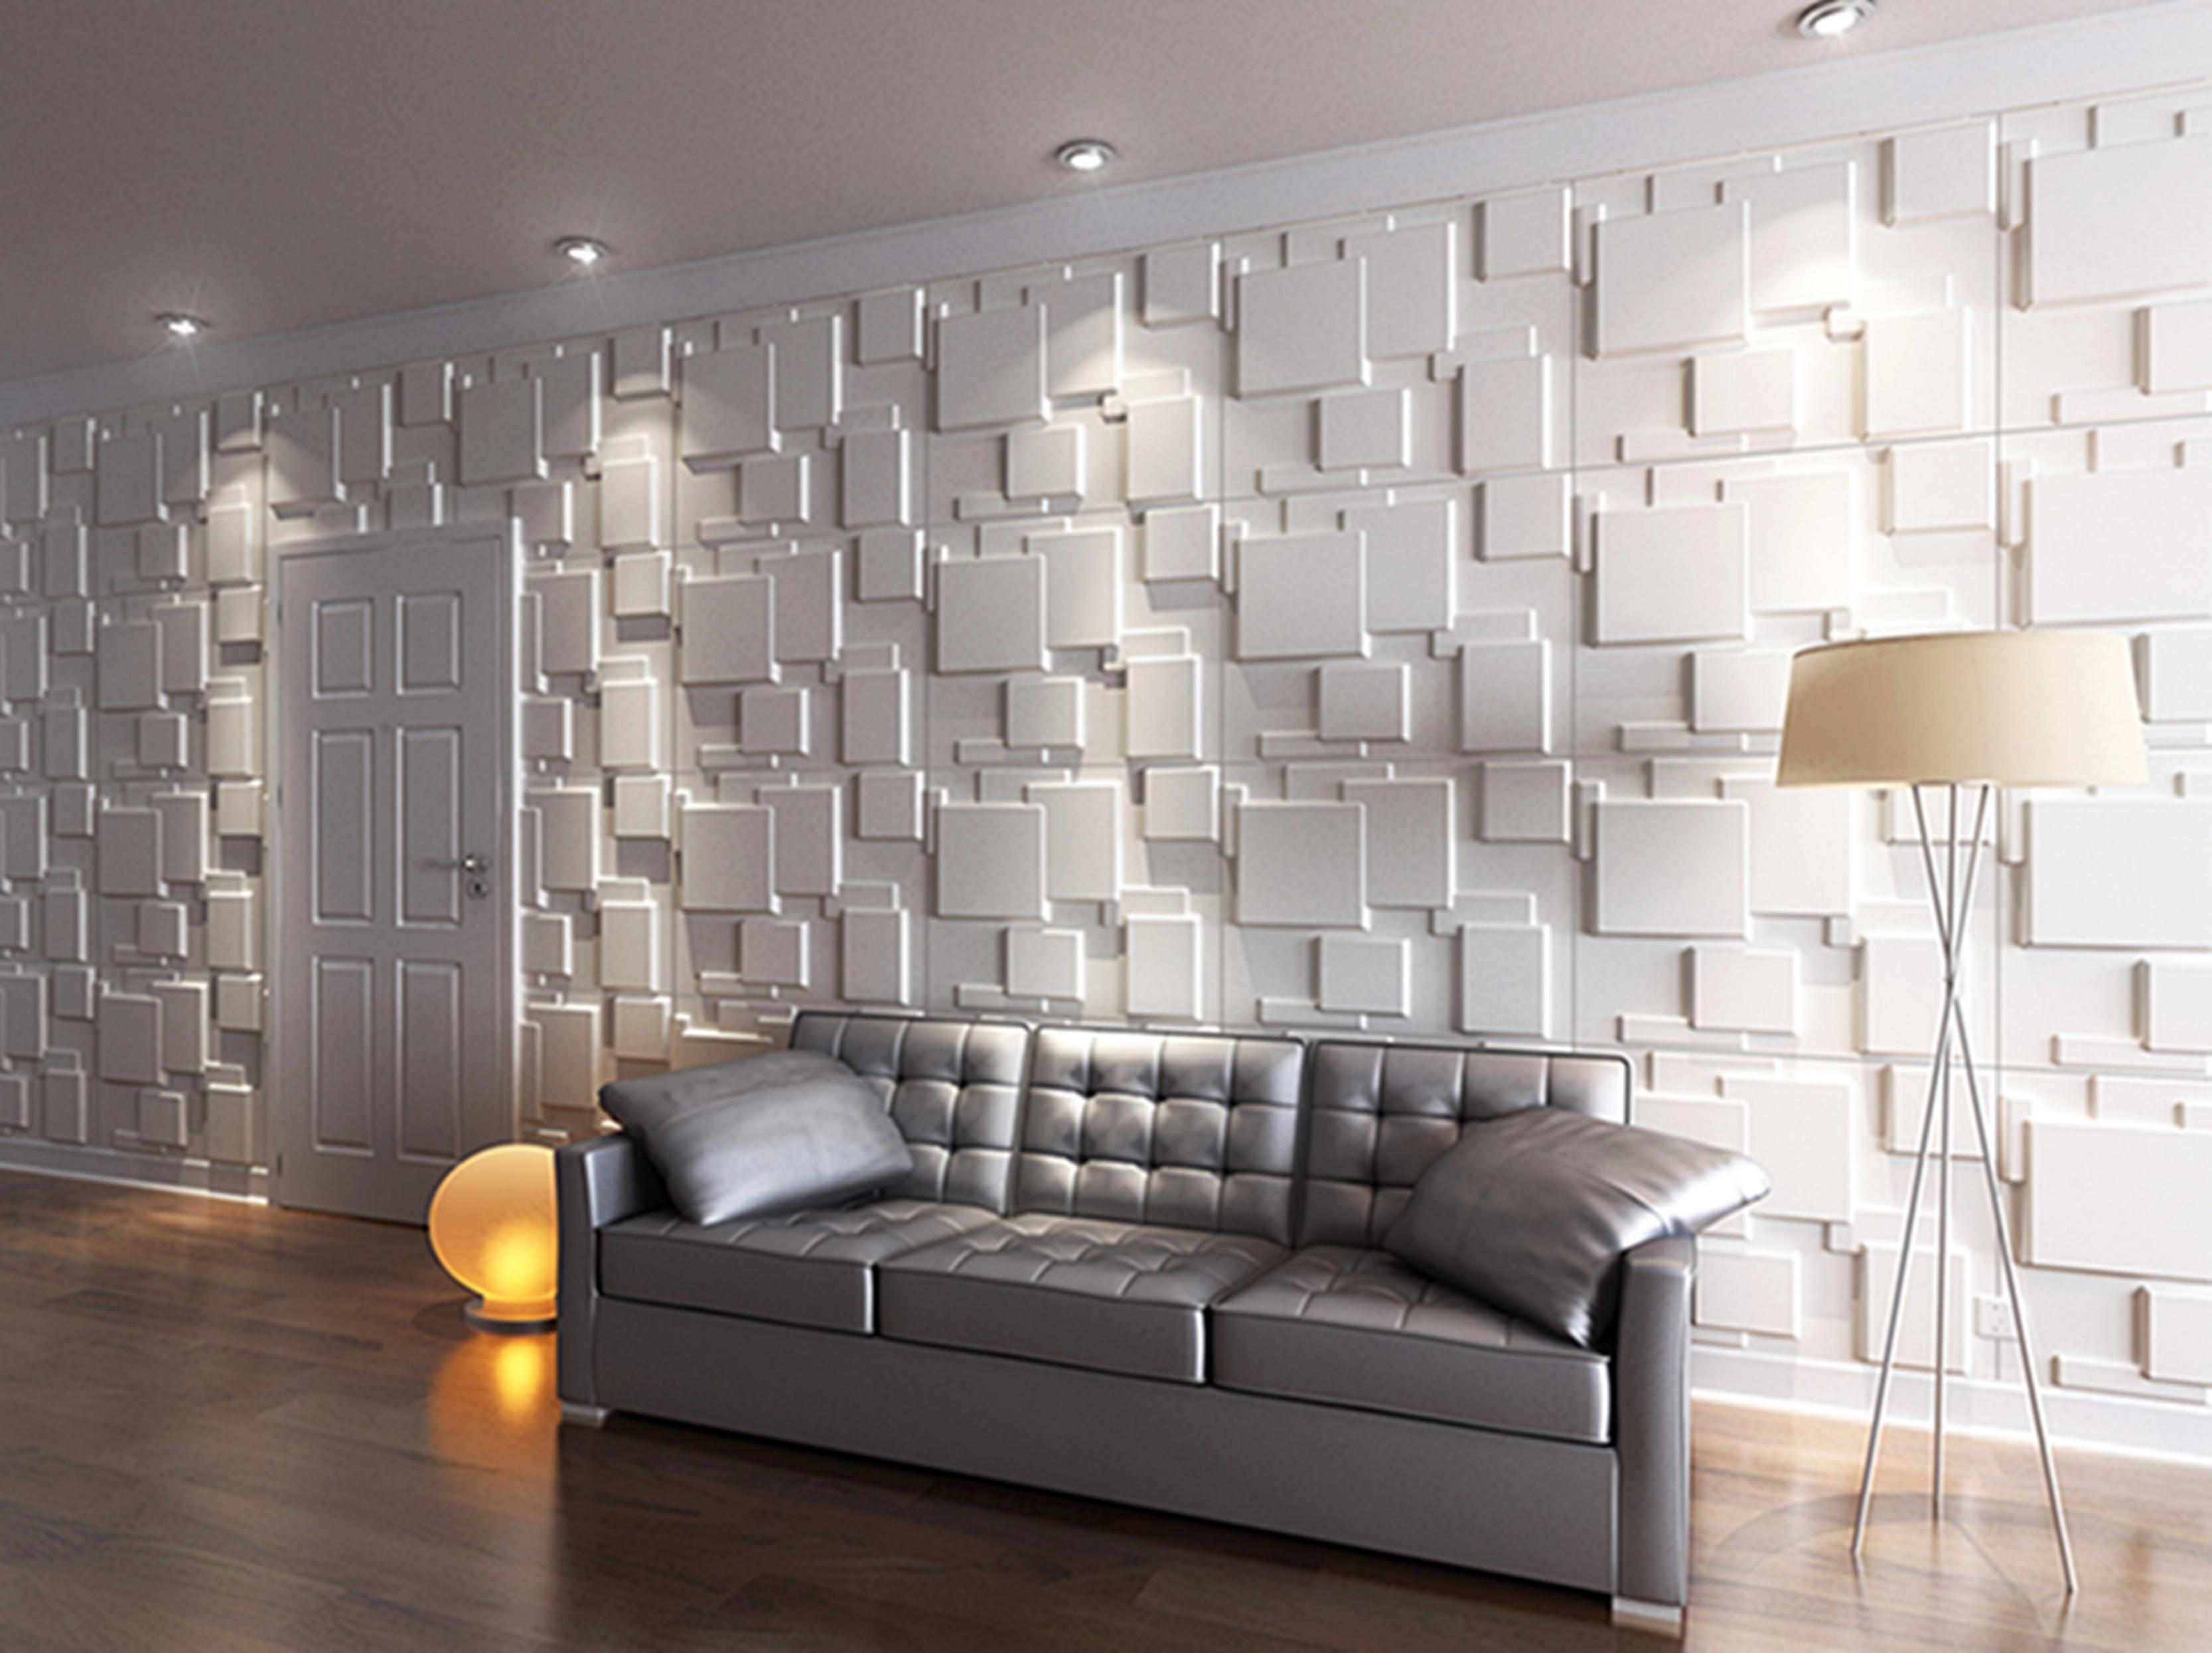 صورة ورق جدران ثلاثي الابعاد , احدث تصاميم ورق الحائط المجسم